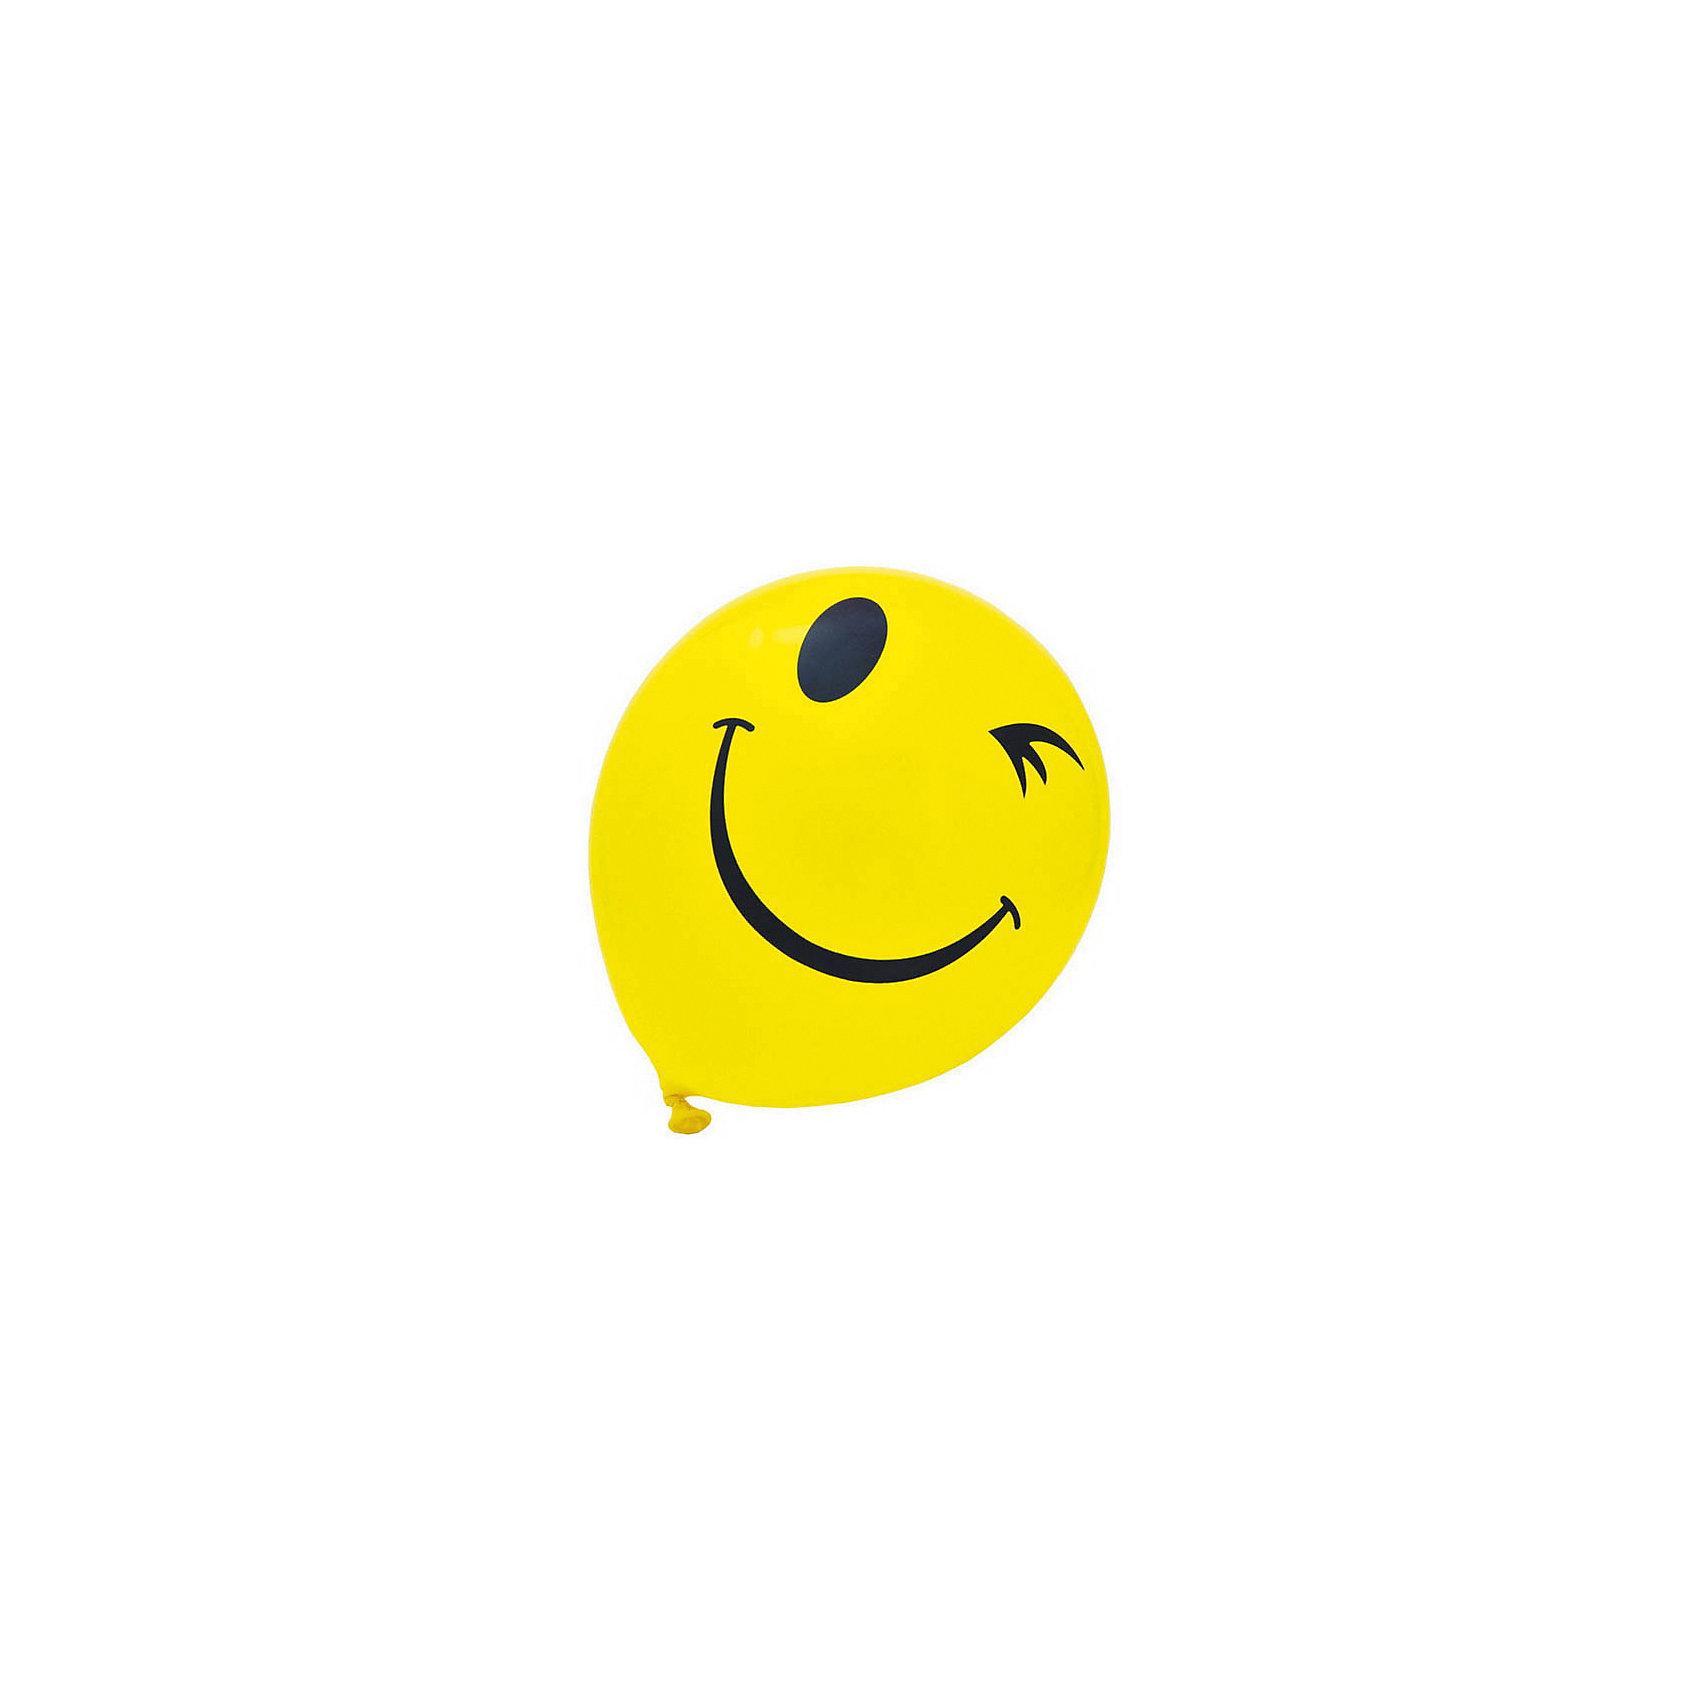 Воздушные шары Смайлы, одноцветный рисунок, 30см, 20 штВоздушные шары<br>Характеристики:<br><br>• возраст: от 3 лет<br>• количество: 20 шт.<br>• диаметр шара: 30 см.<br>• материал: латекс<br><br>Воздушные шары из латекса «Смайлы» просто созданы для того, чтобы дарить радость, позитив и отличное настроение. Они словно солнышки согревают своими улыбками.<br><br>Воздушные шары Смайлы, одноцветный рисунок, 30см, 20 шт можно купить в нашем интернет-магазине.<br><br>Ширина мм: 180<br>Глубина мм: 130<br>Высота мм: 40<br>Вес г: 75<br>Возраст от месяцев: 36<br>Возраст до месяцев: 2147483647<br>Пол: Унисекс<br>Возраст: Детский<br>SKU: 6860593